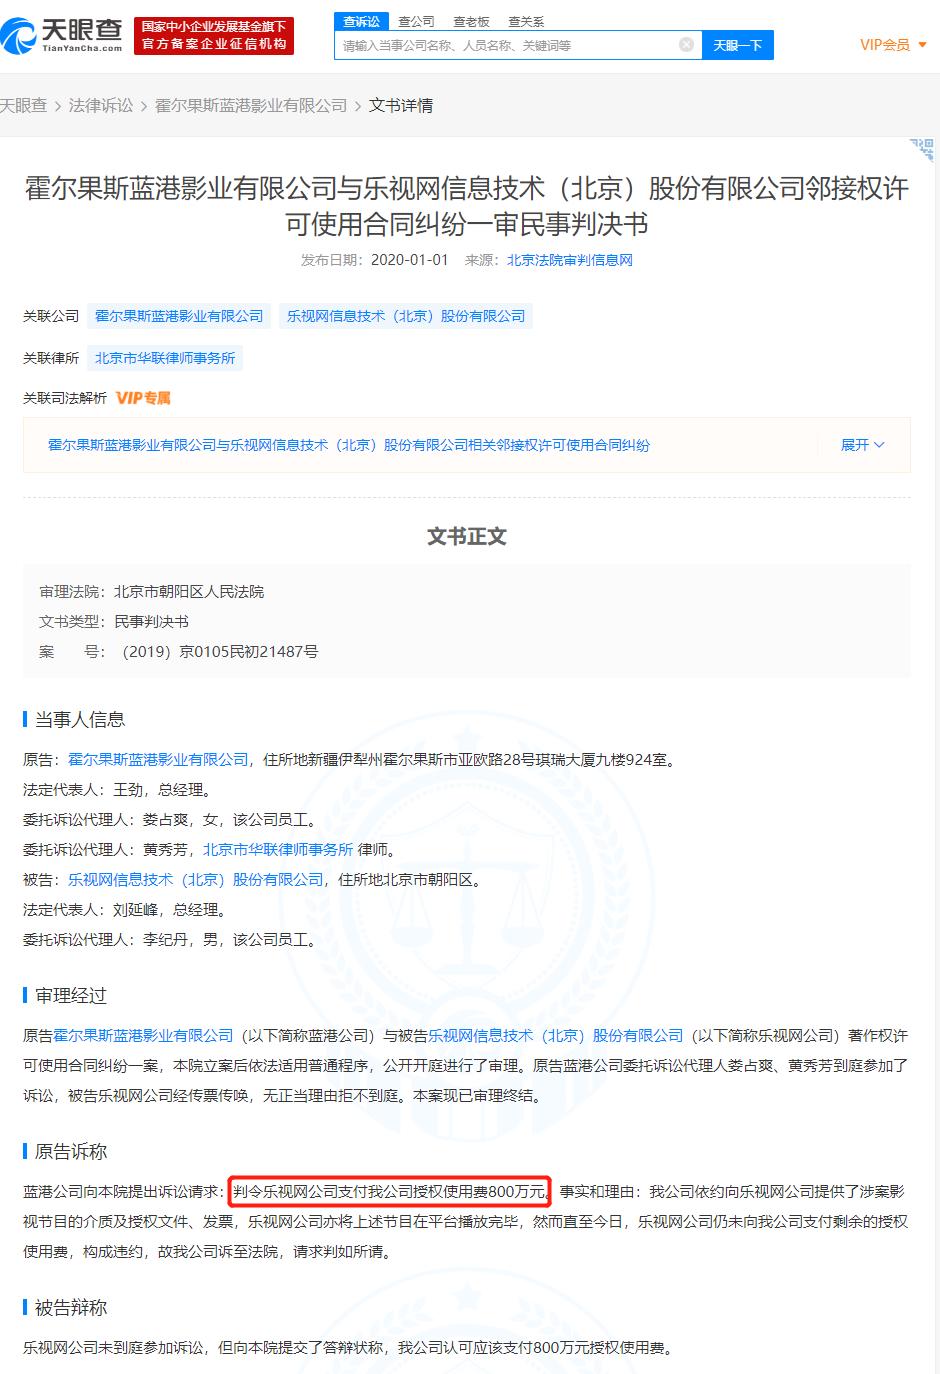 乐视网董事长刘延峰再被限制消费因未支付800万元授权费